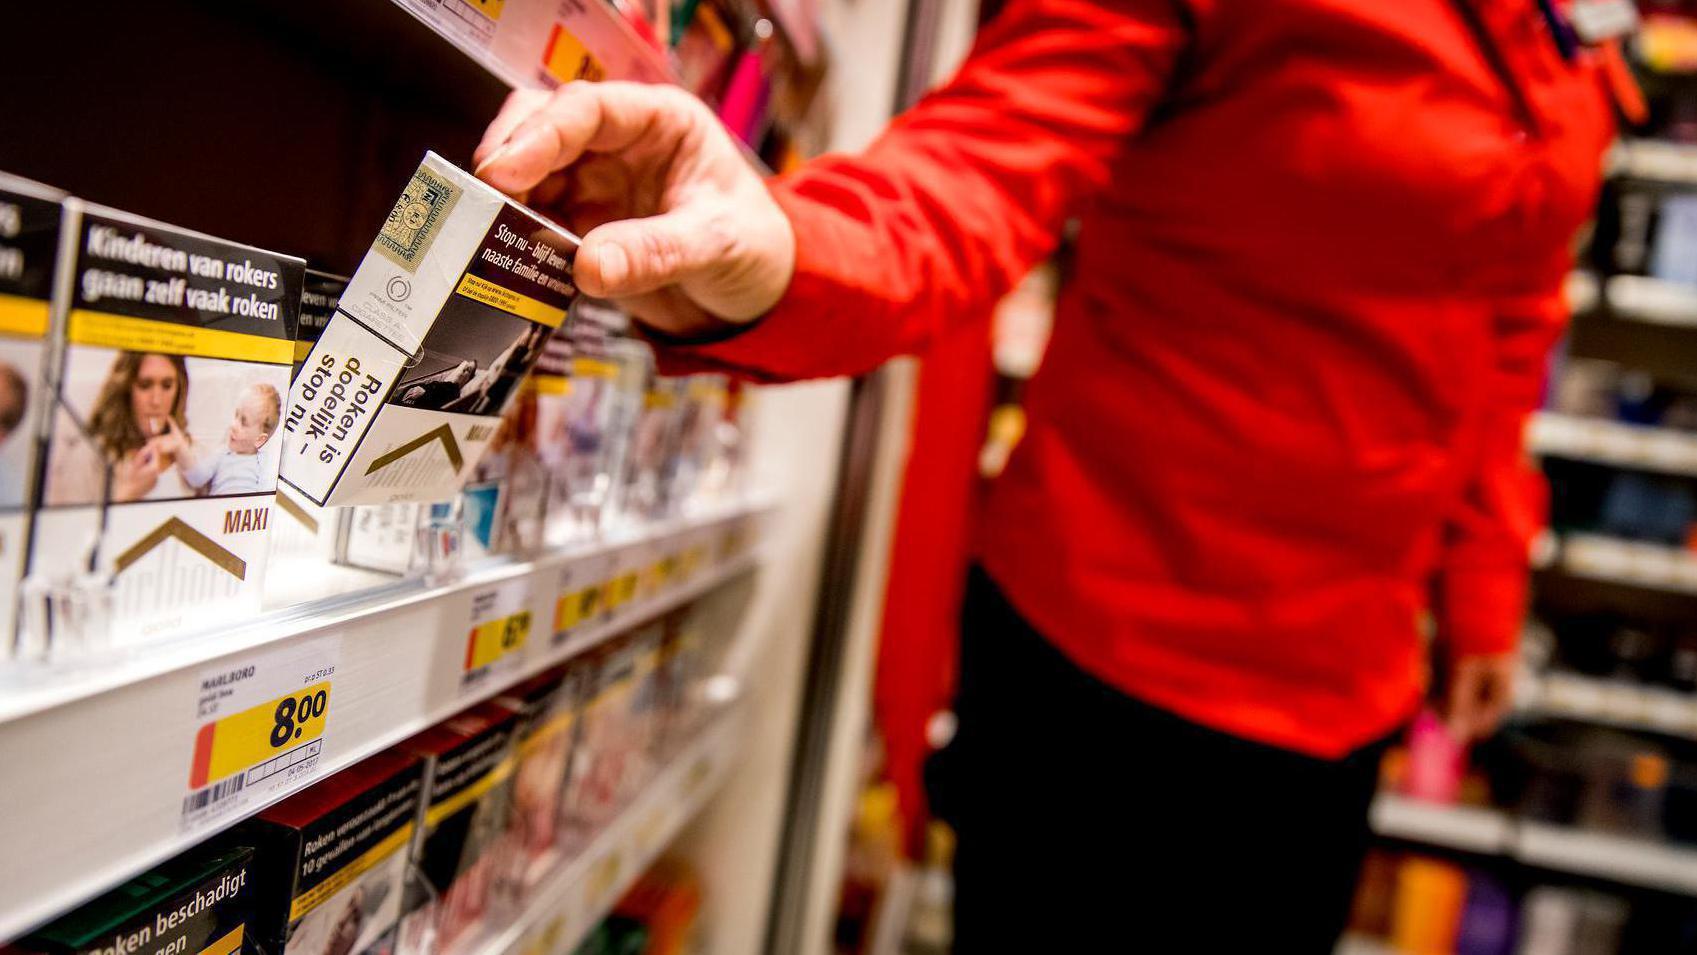 Organisaties willen vervolging tabaksindustrie alsnog afdwingen